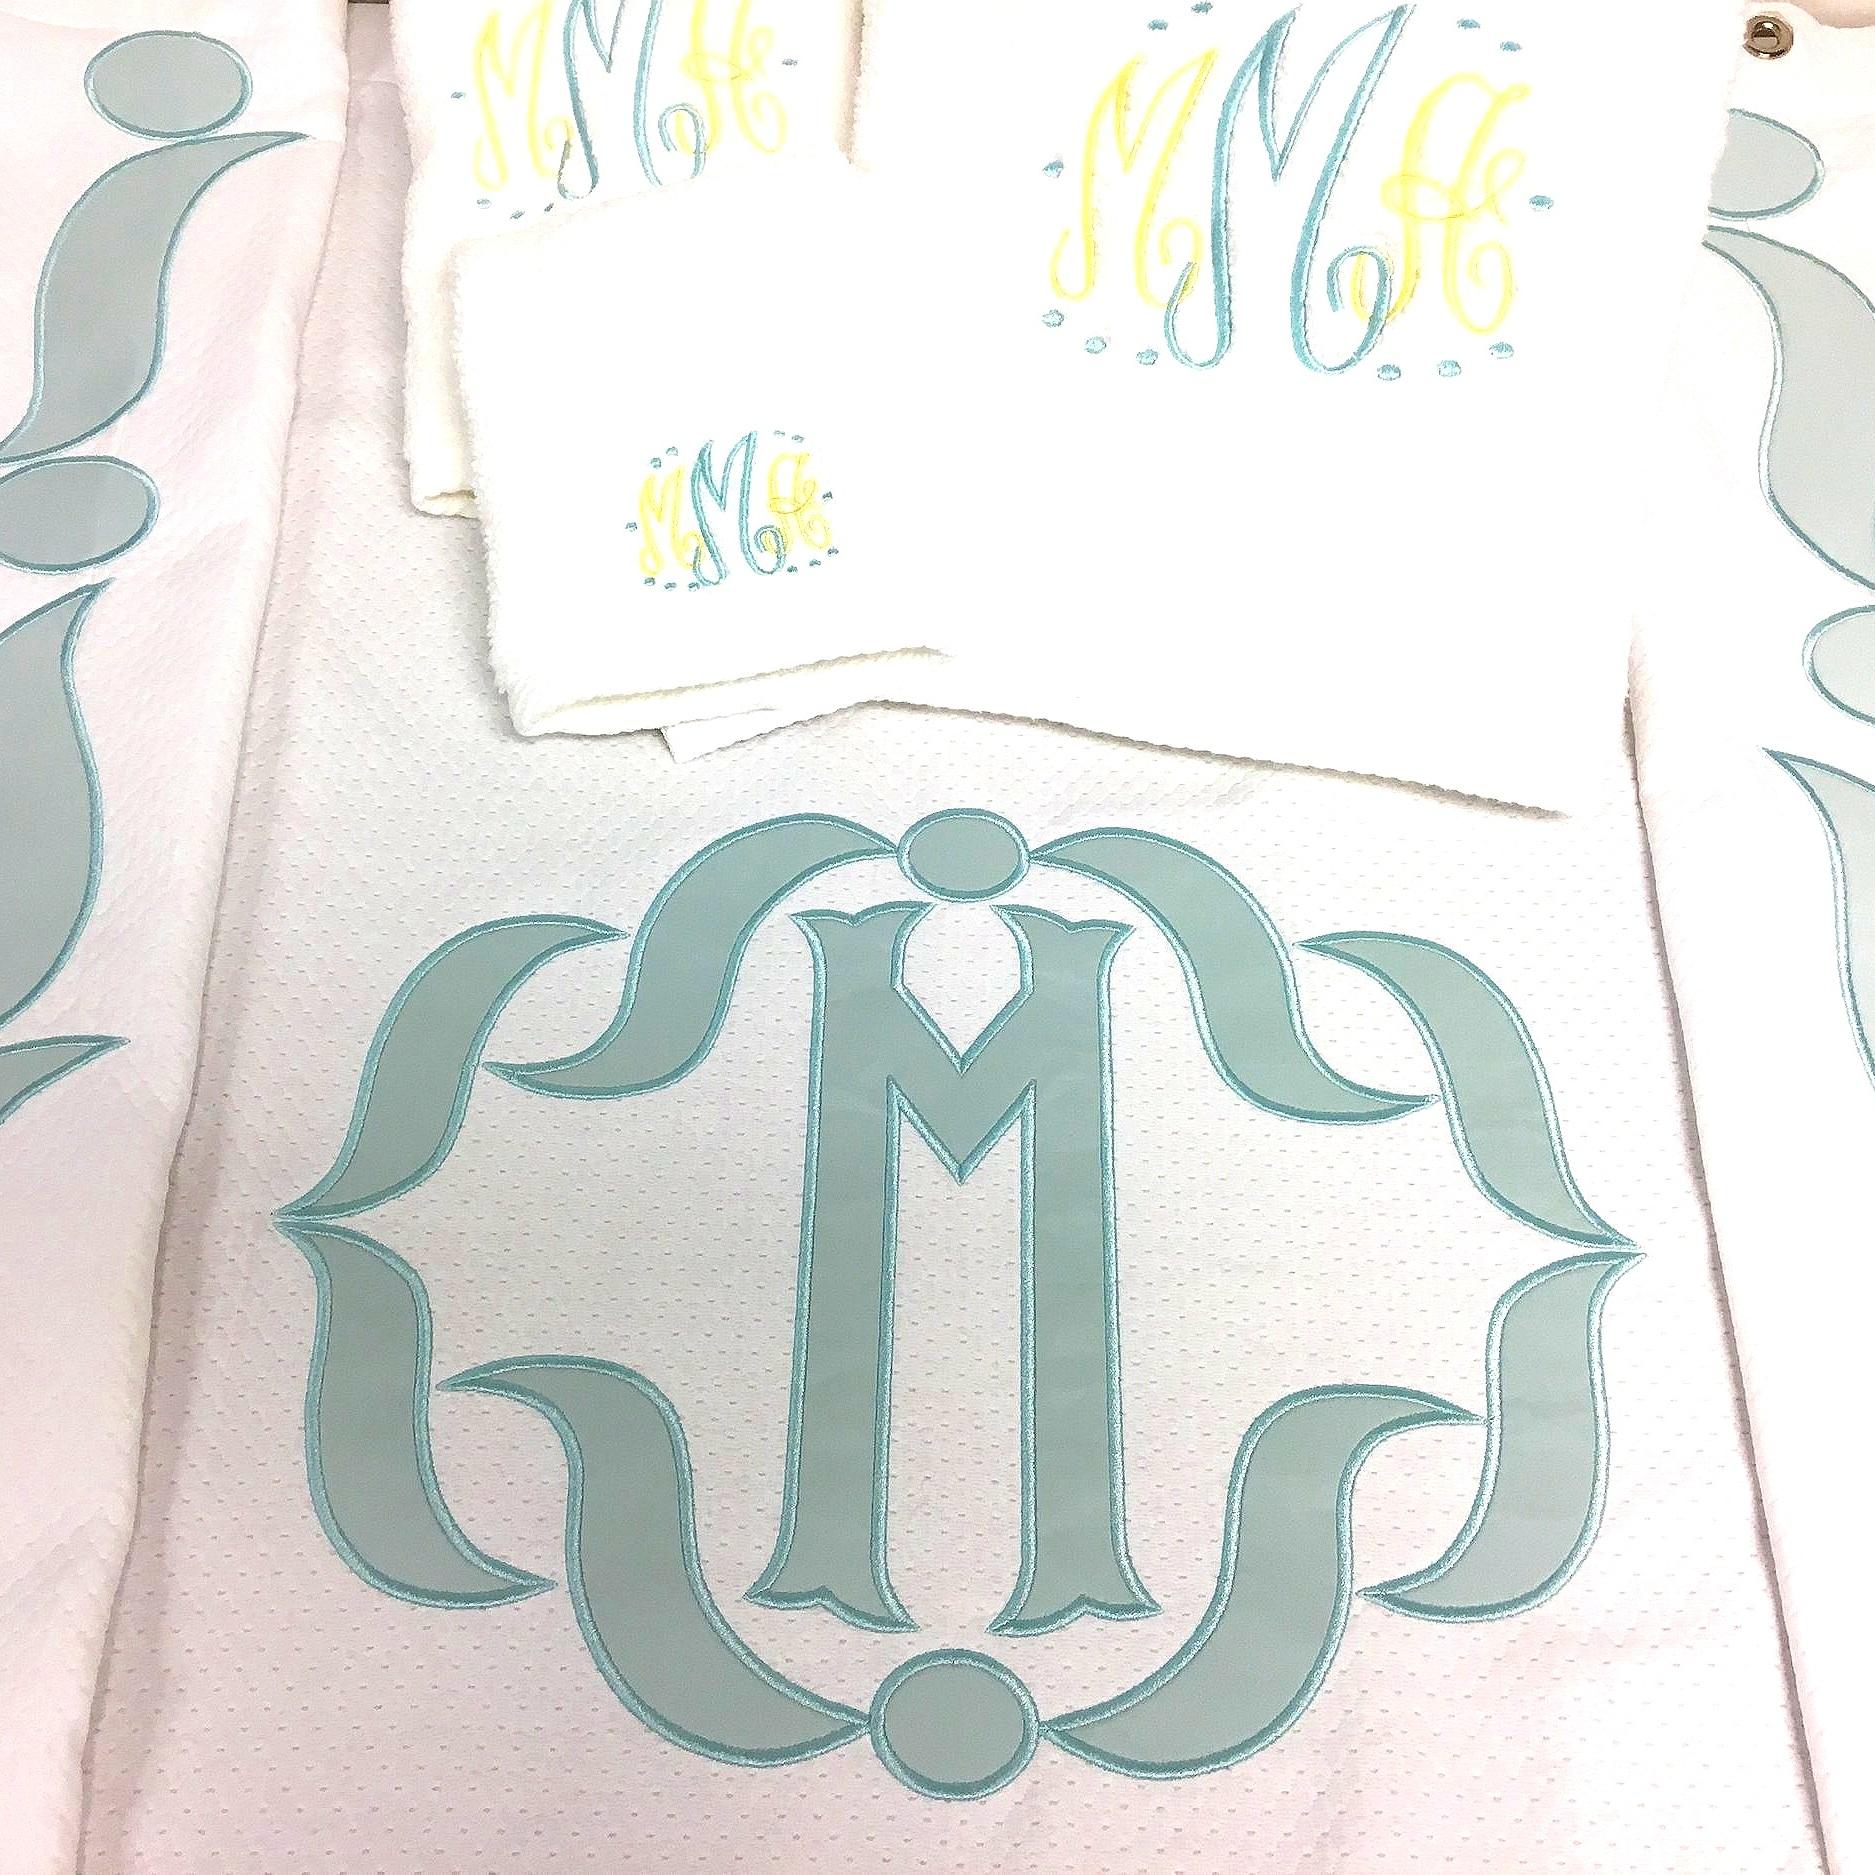 towels11.JPG